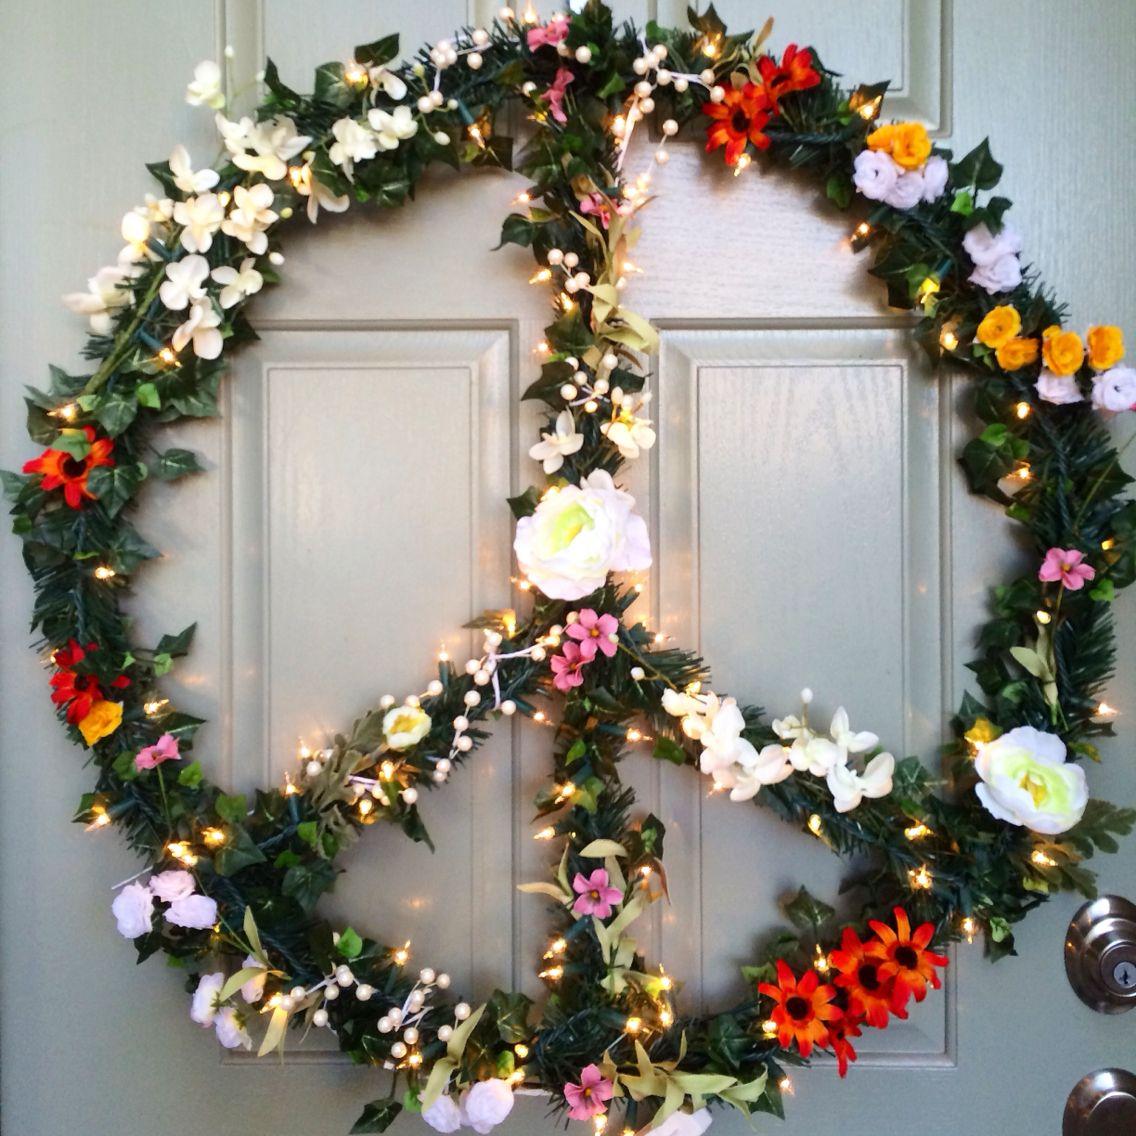 DIY Christmas peace wreath - 32